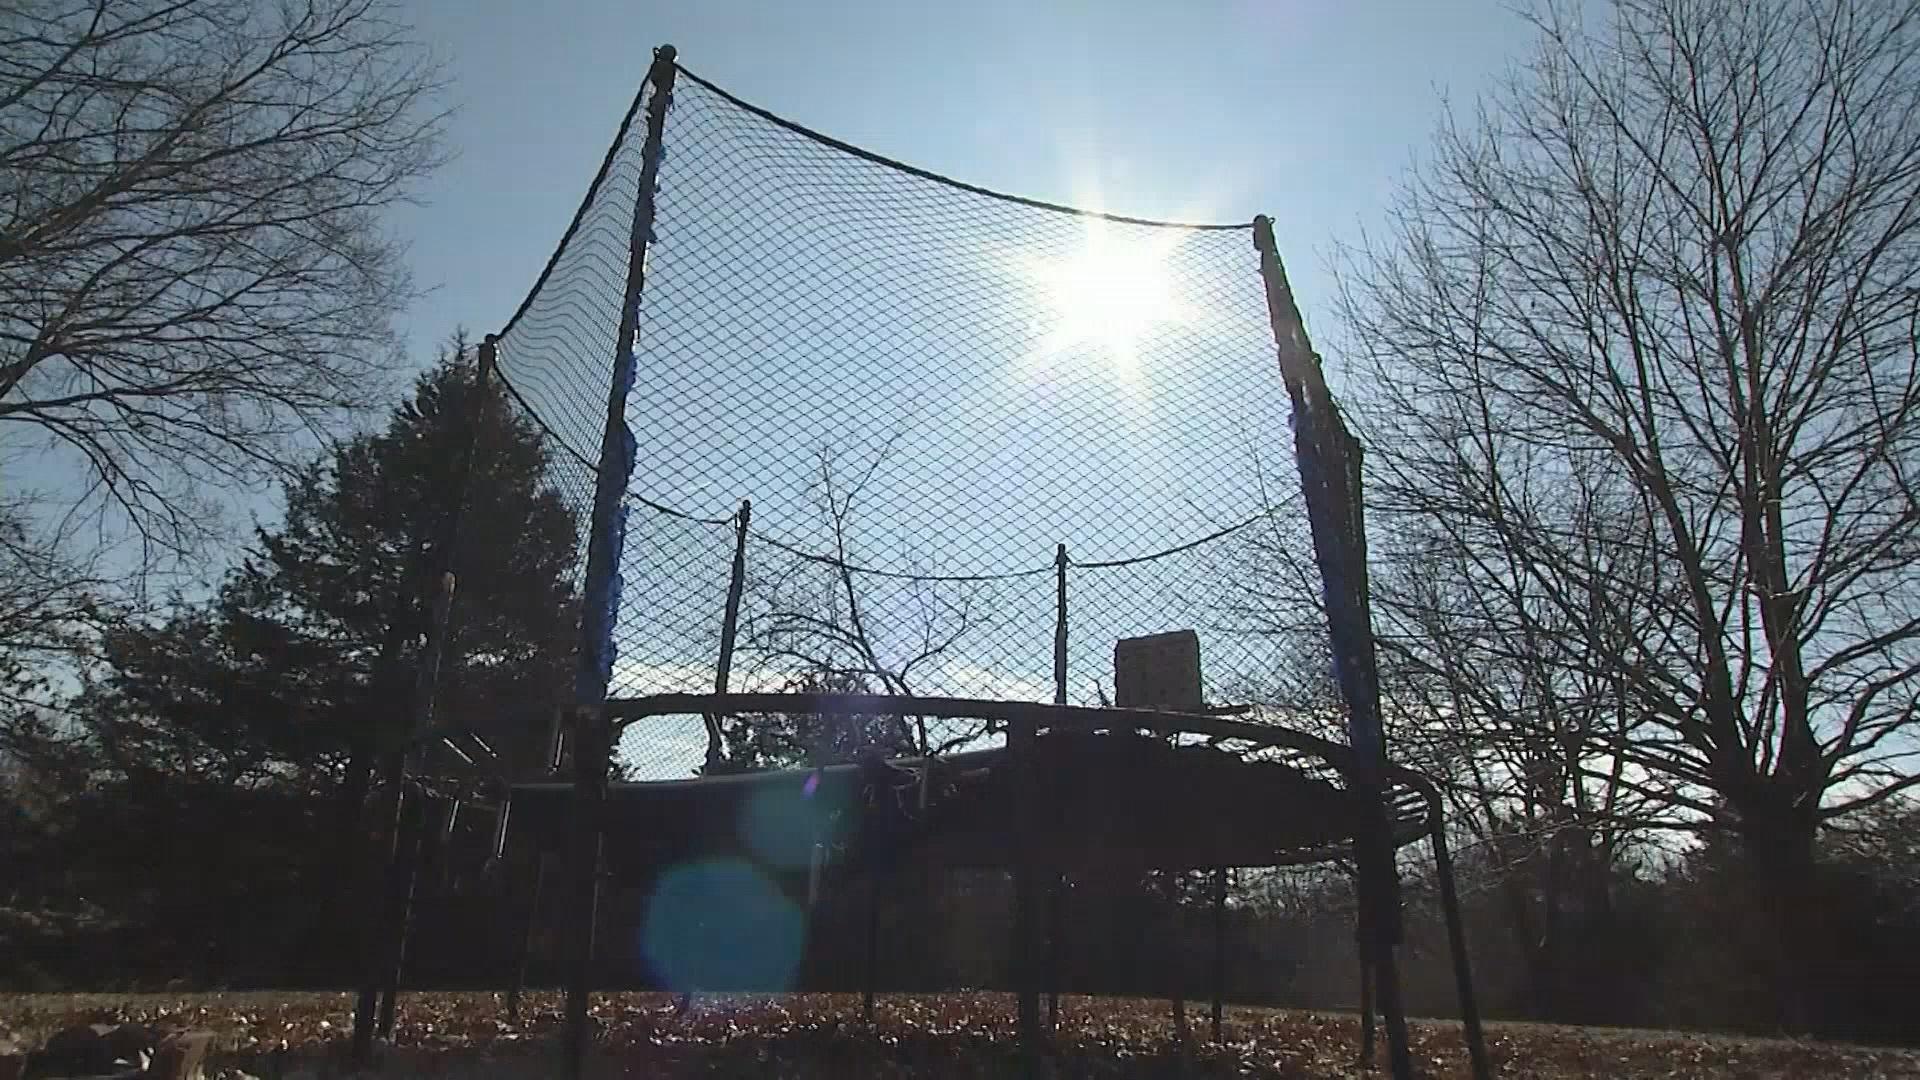 trampoline safety webstill_1532525948907.jpg.jpg